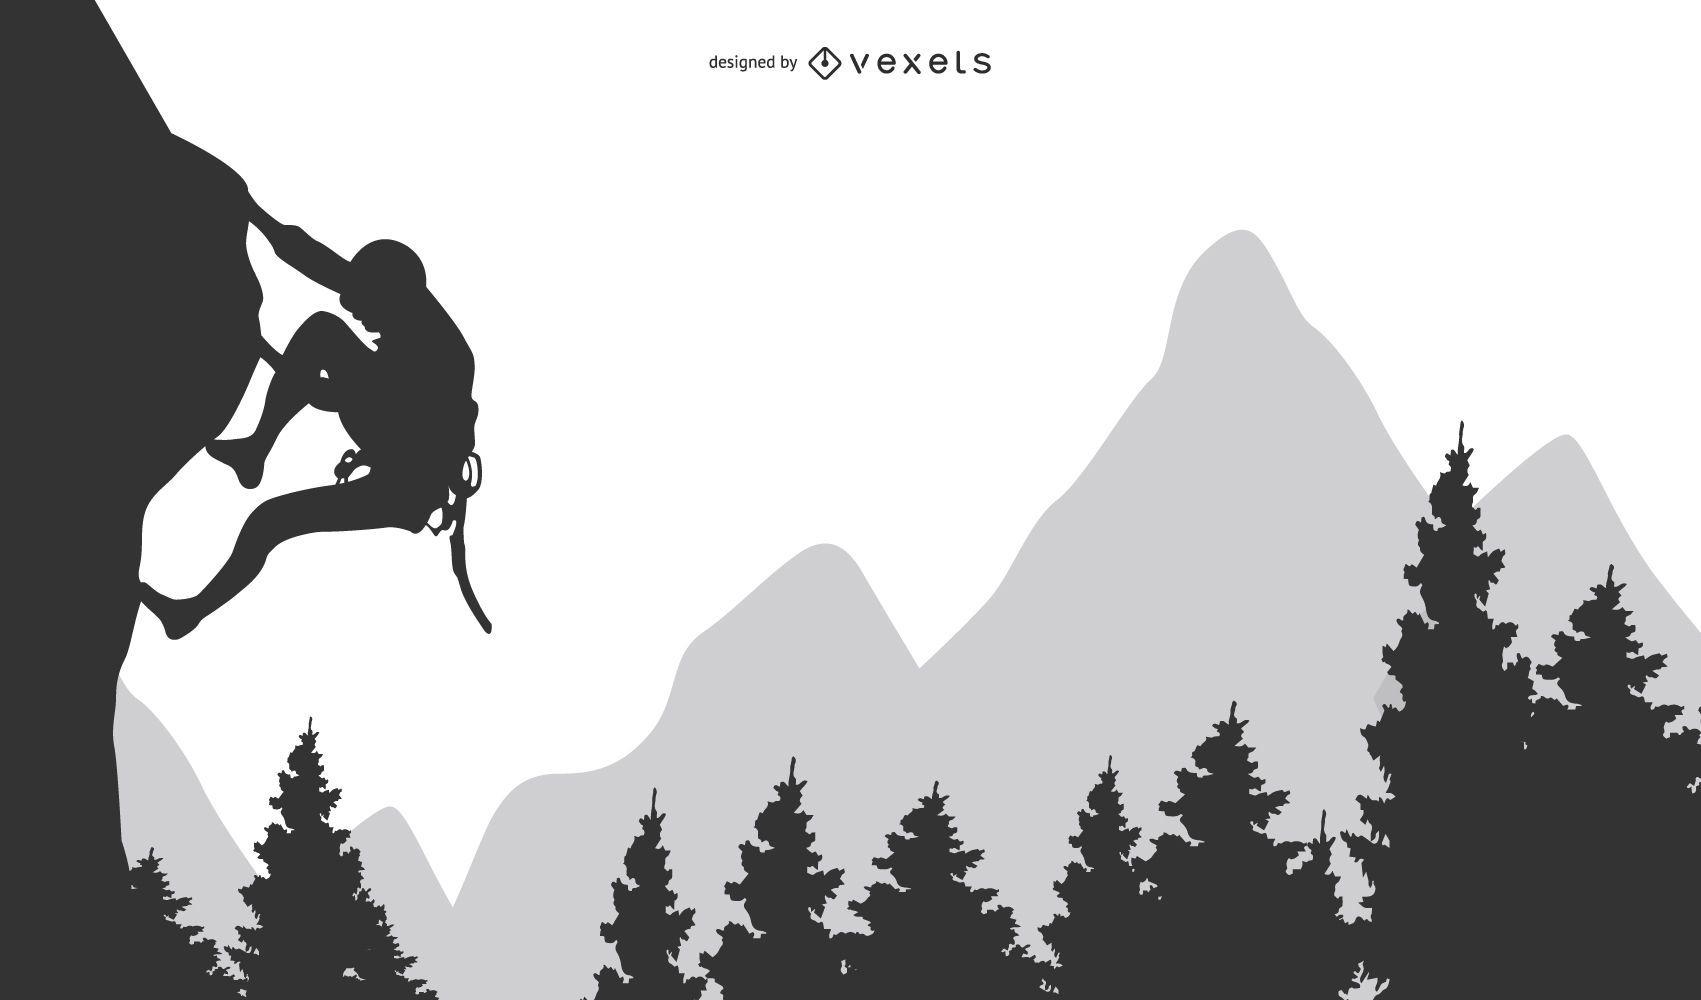 Imágenes prediseñadas de Rock Mountain o Hill Climibing